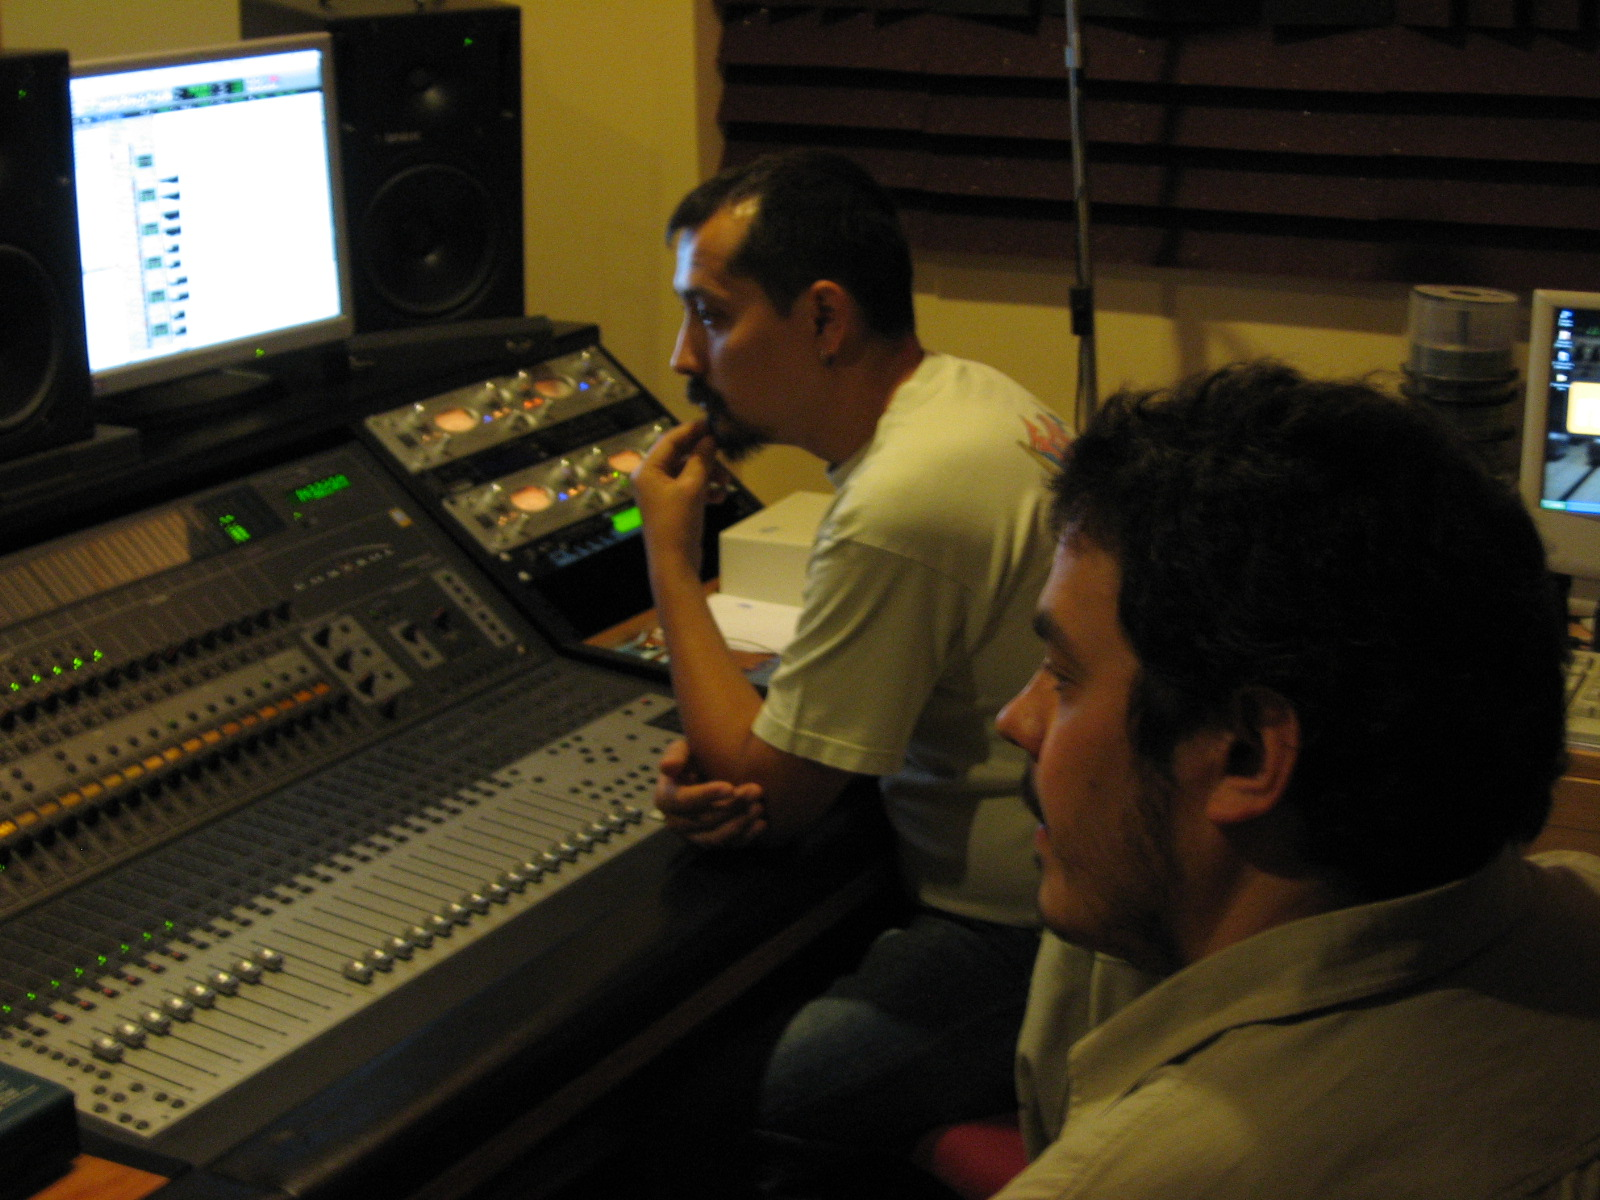 En el estudio de grabación